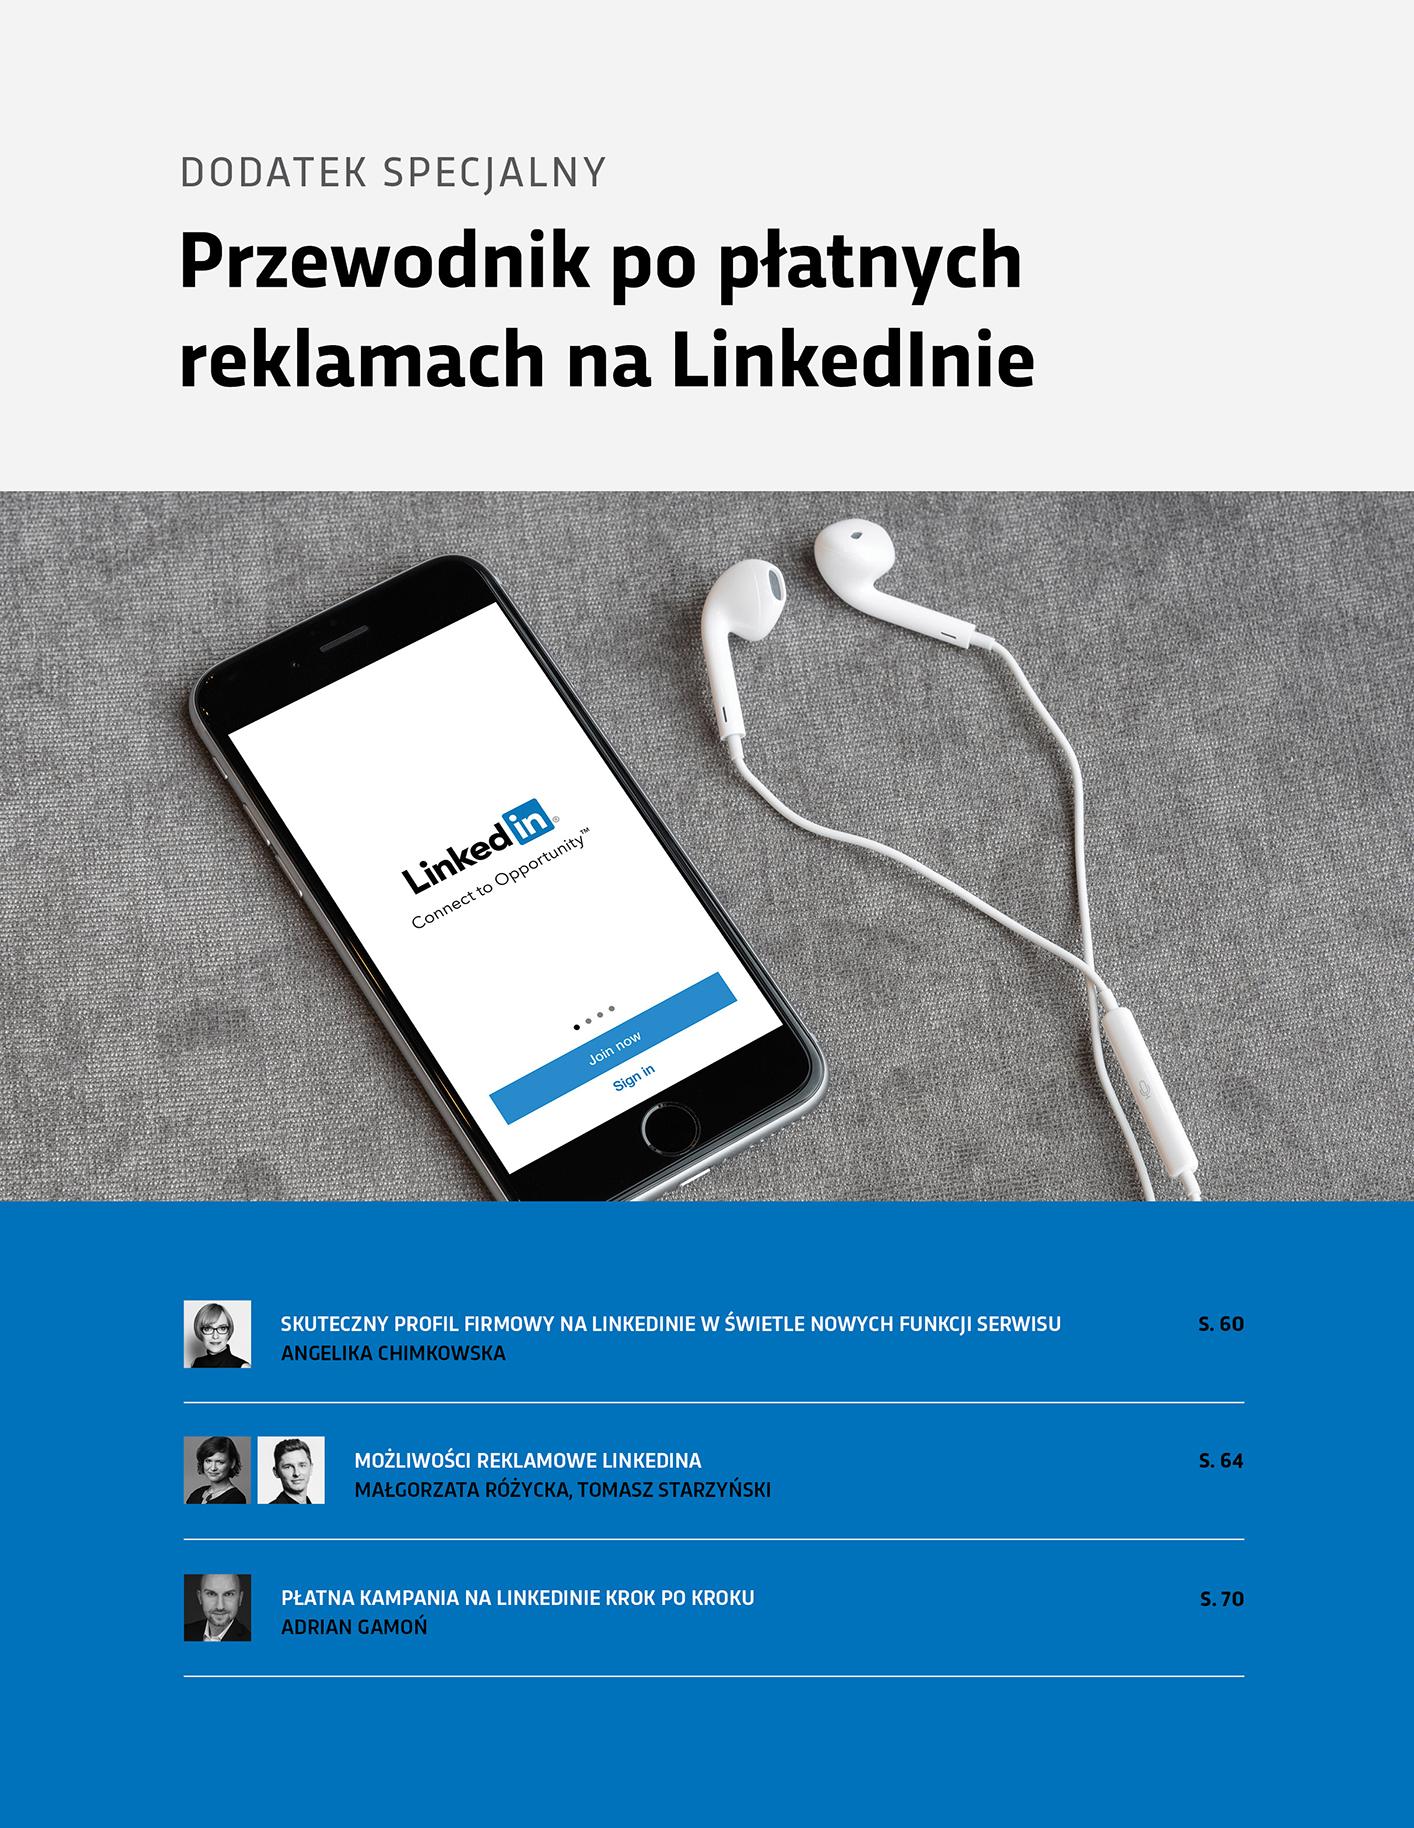 przewodnik_po_platnych_reklamach_linkedin